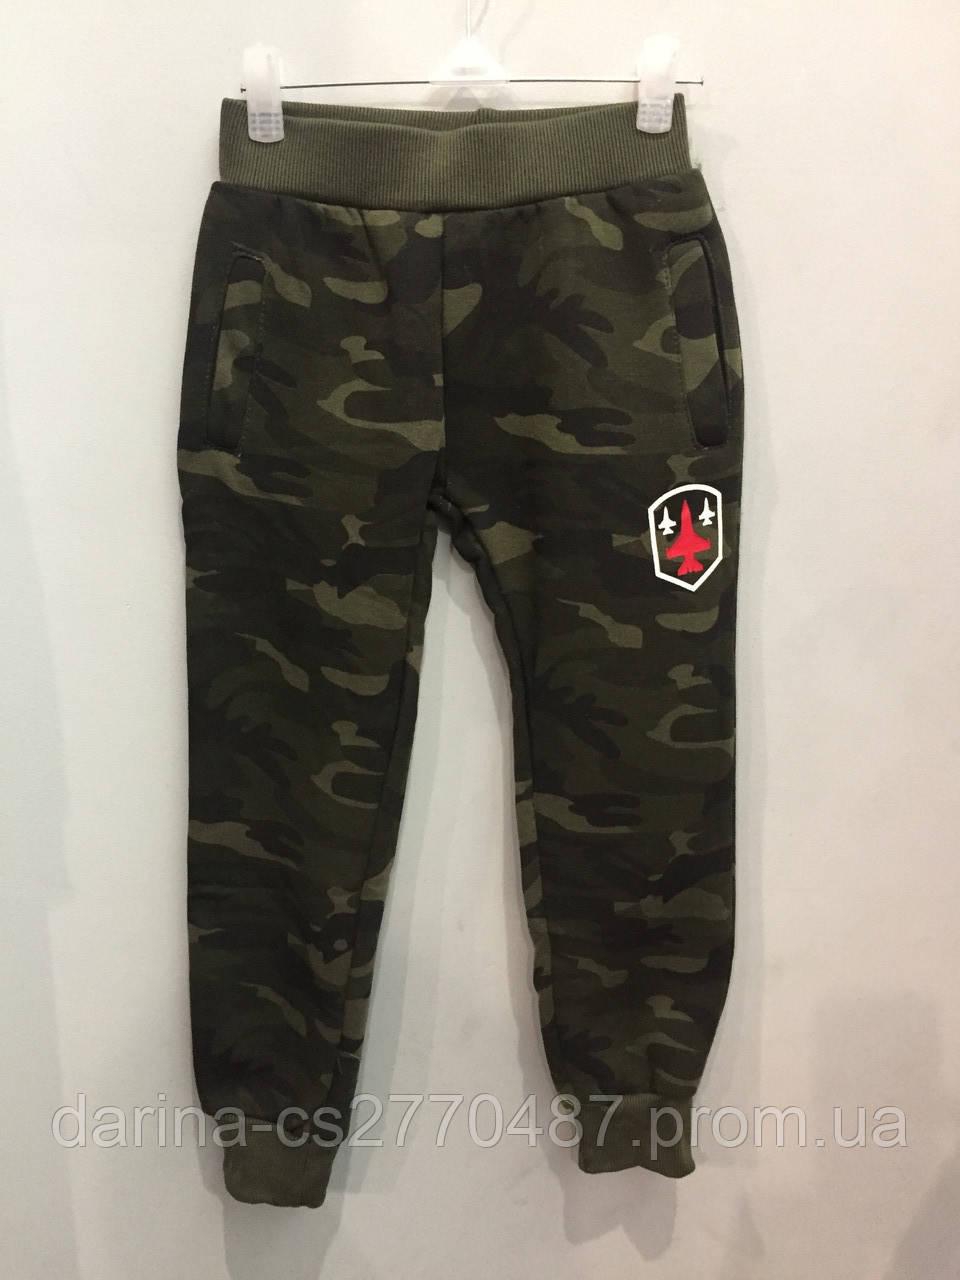 Утепленные спортивные штаны для мальчика 98,104,110,122 см